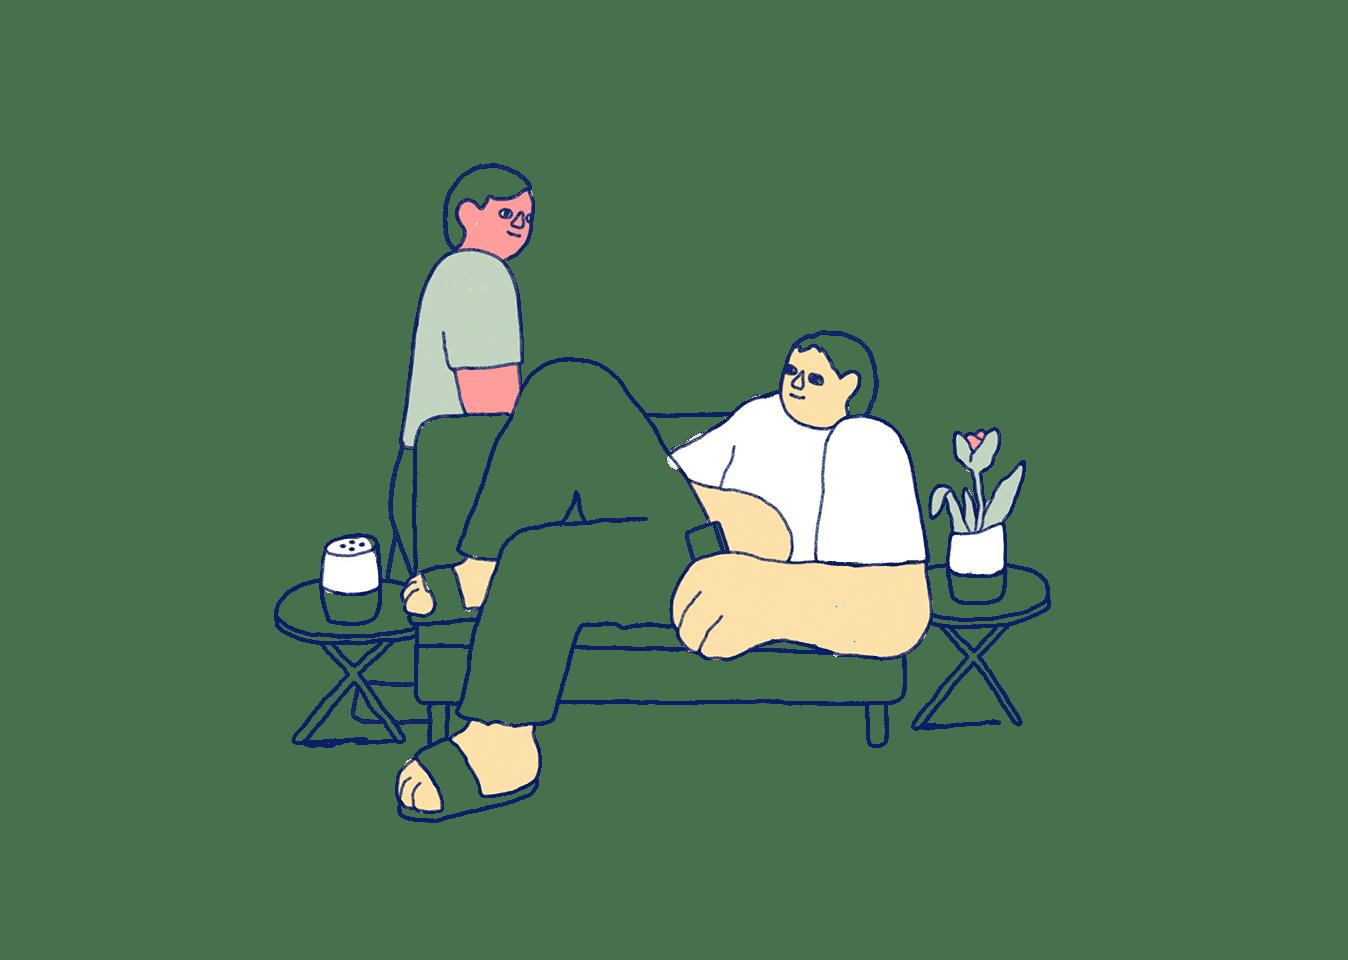 GD_Bestof_illustration_02.png